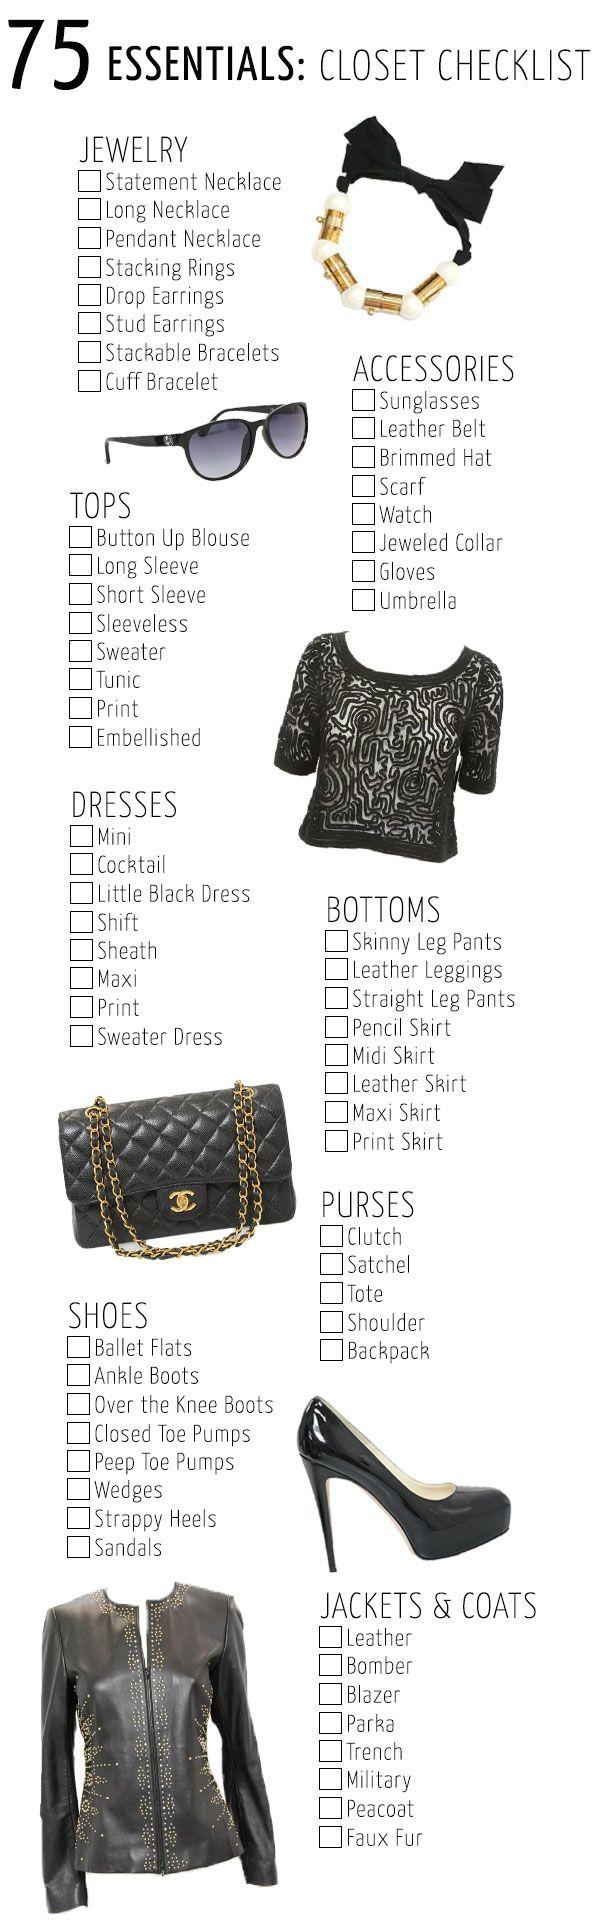 75 Essentials Closet Checklist, Visit www.corrimcfadden.com #StyleCheckList